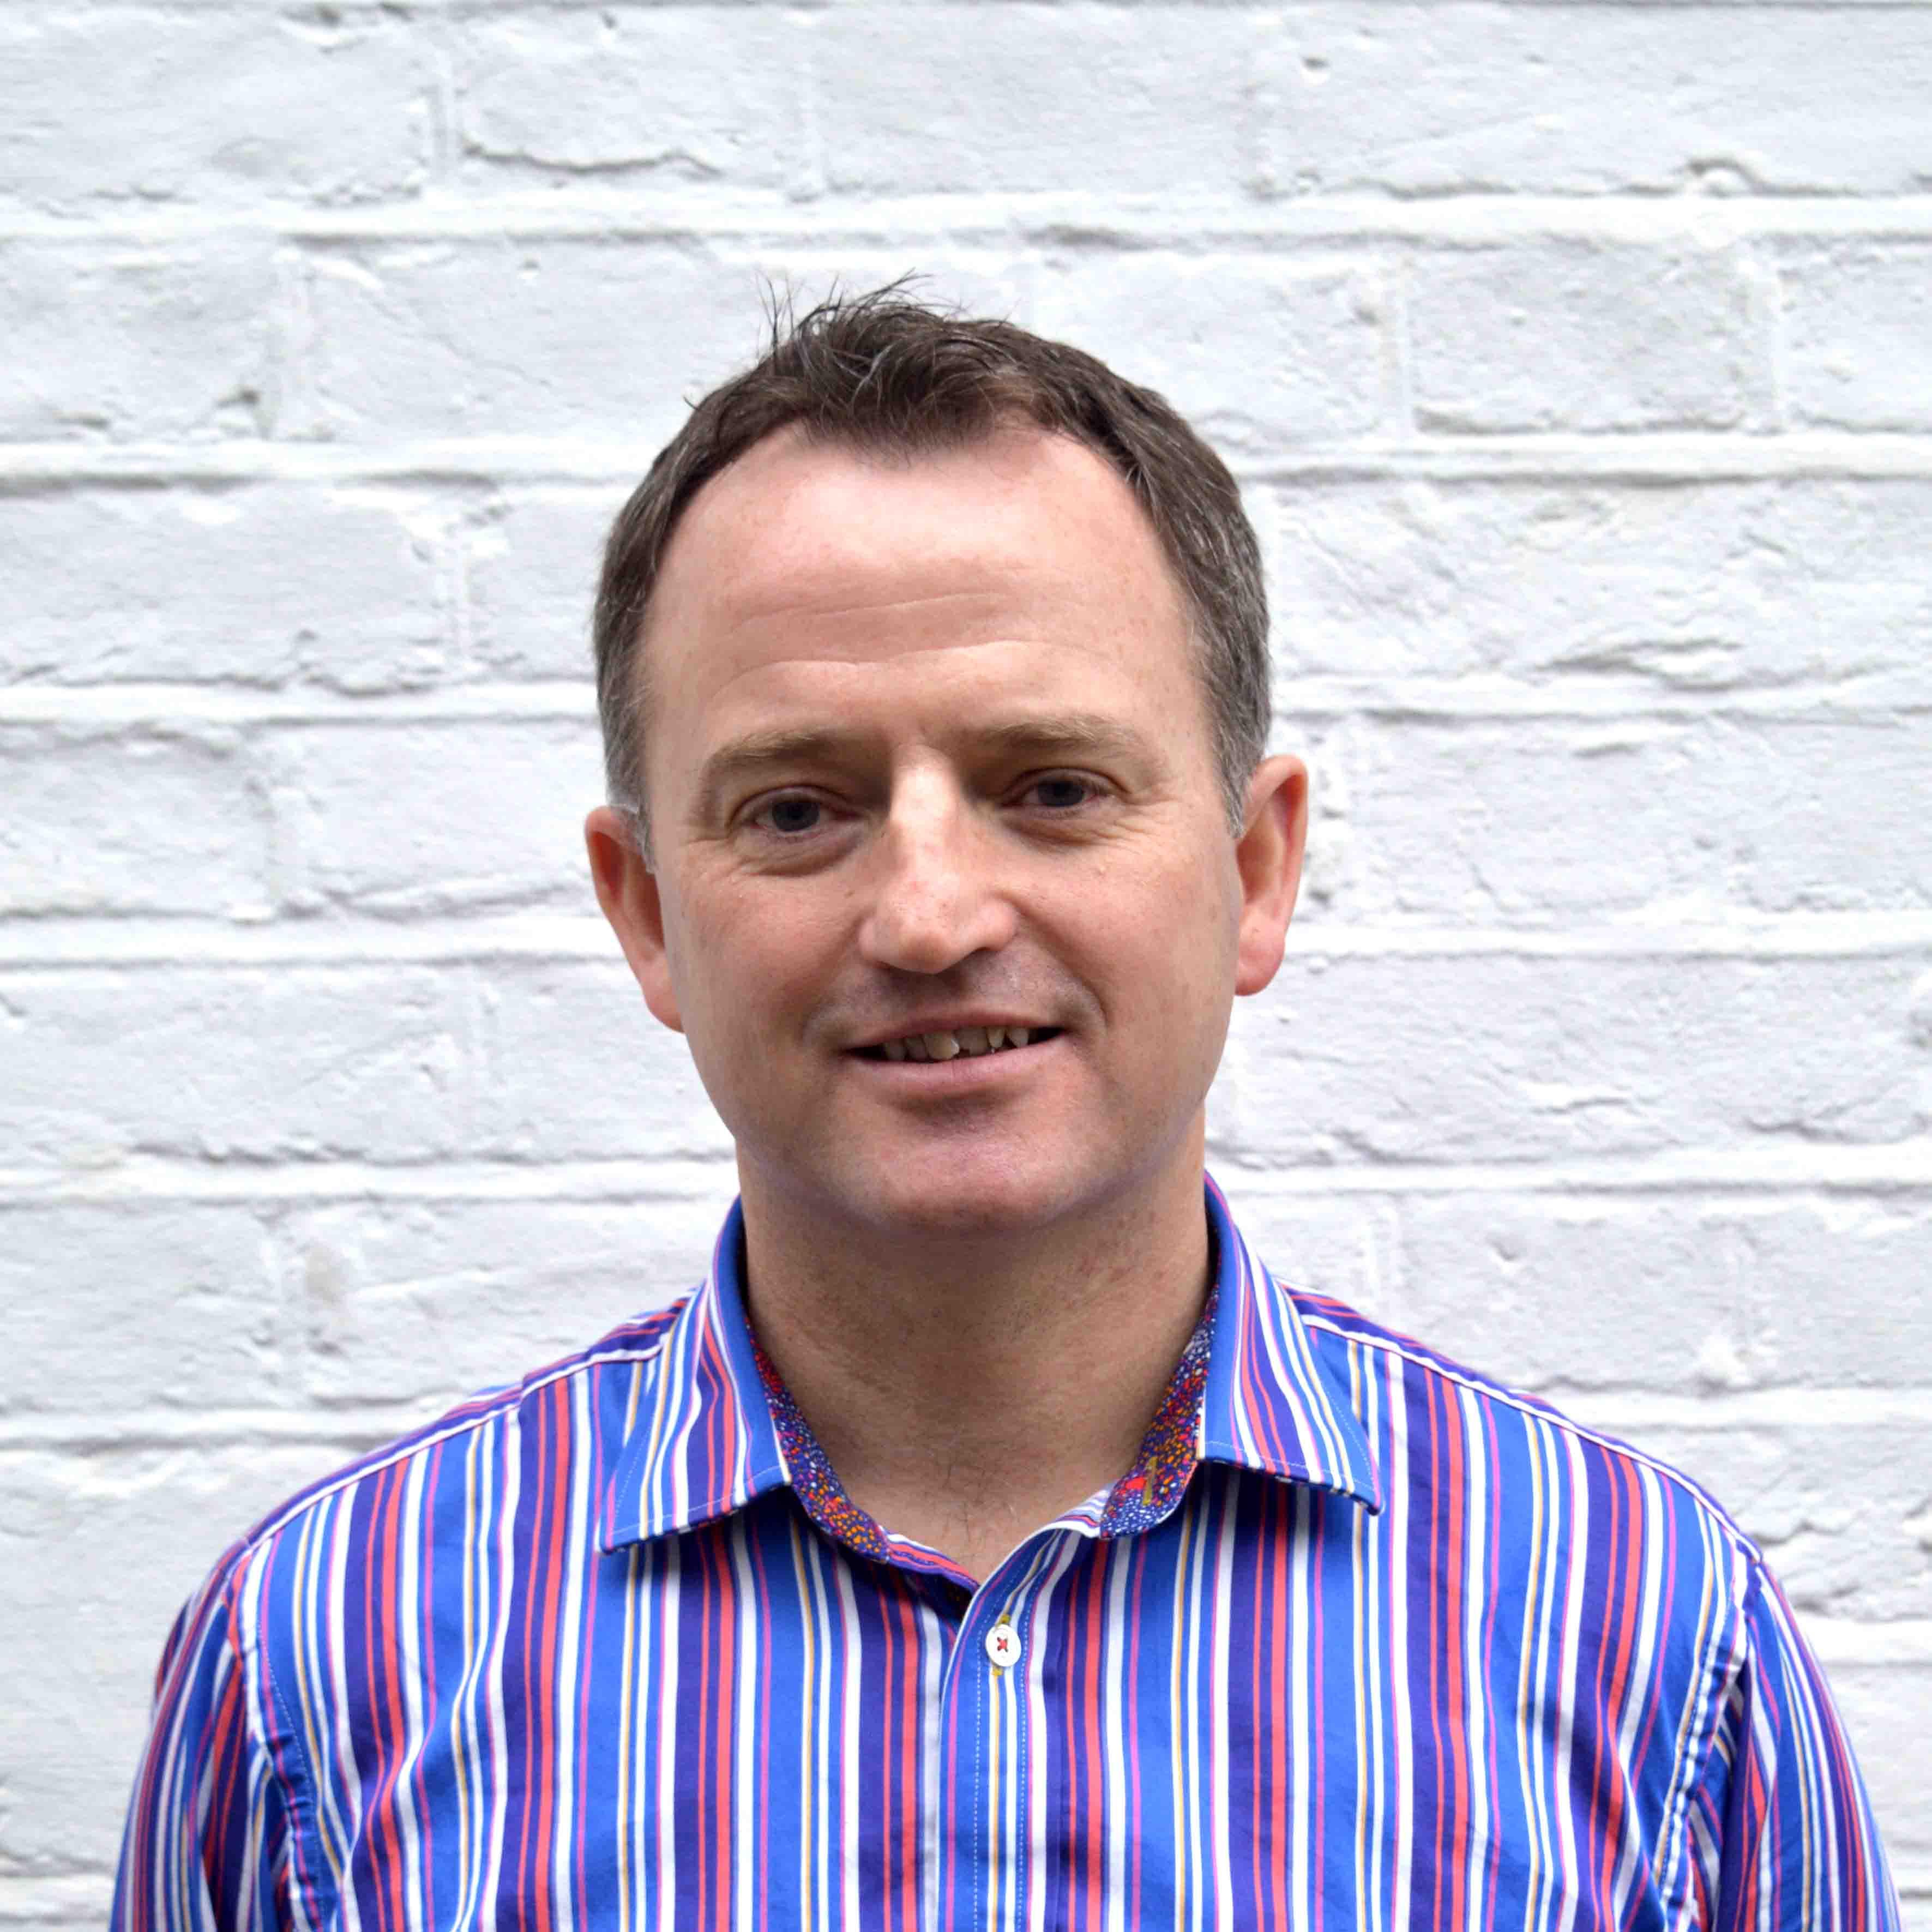 Terry Monan